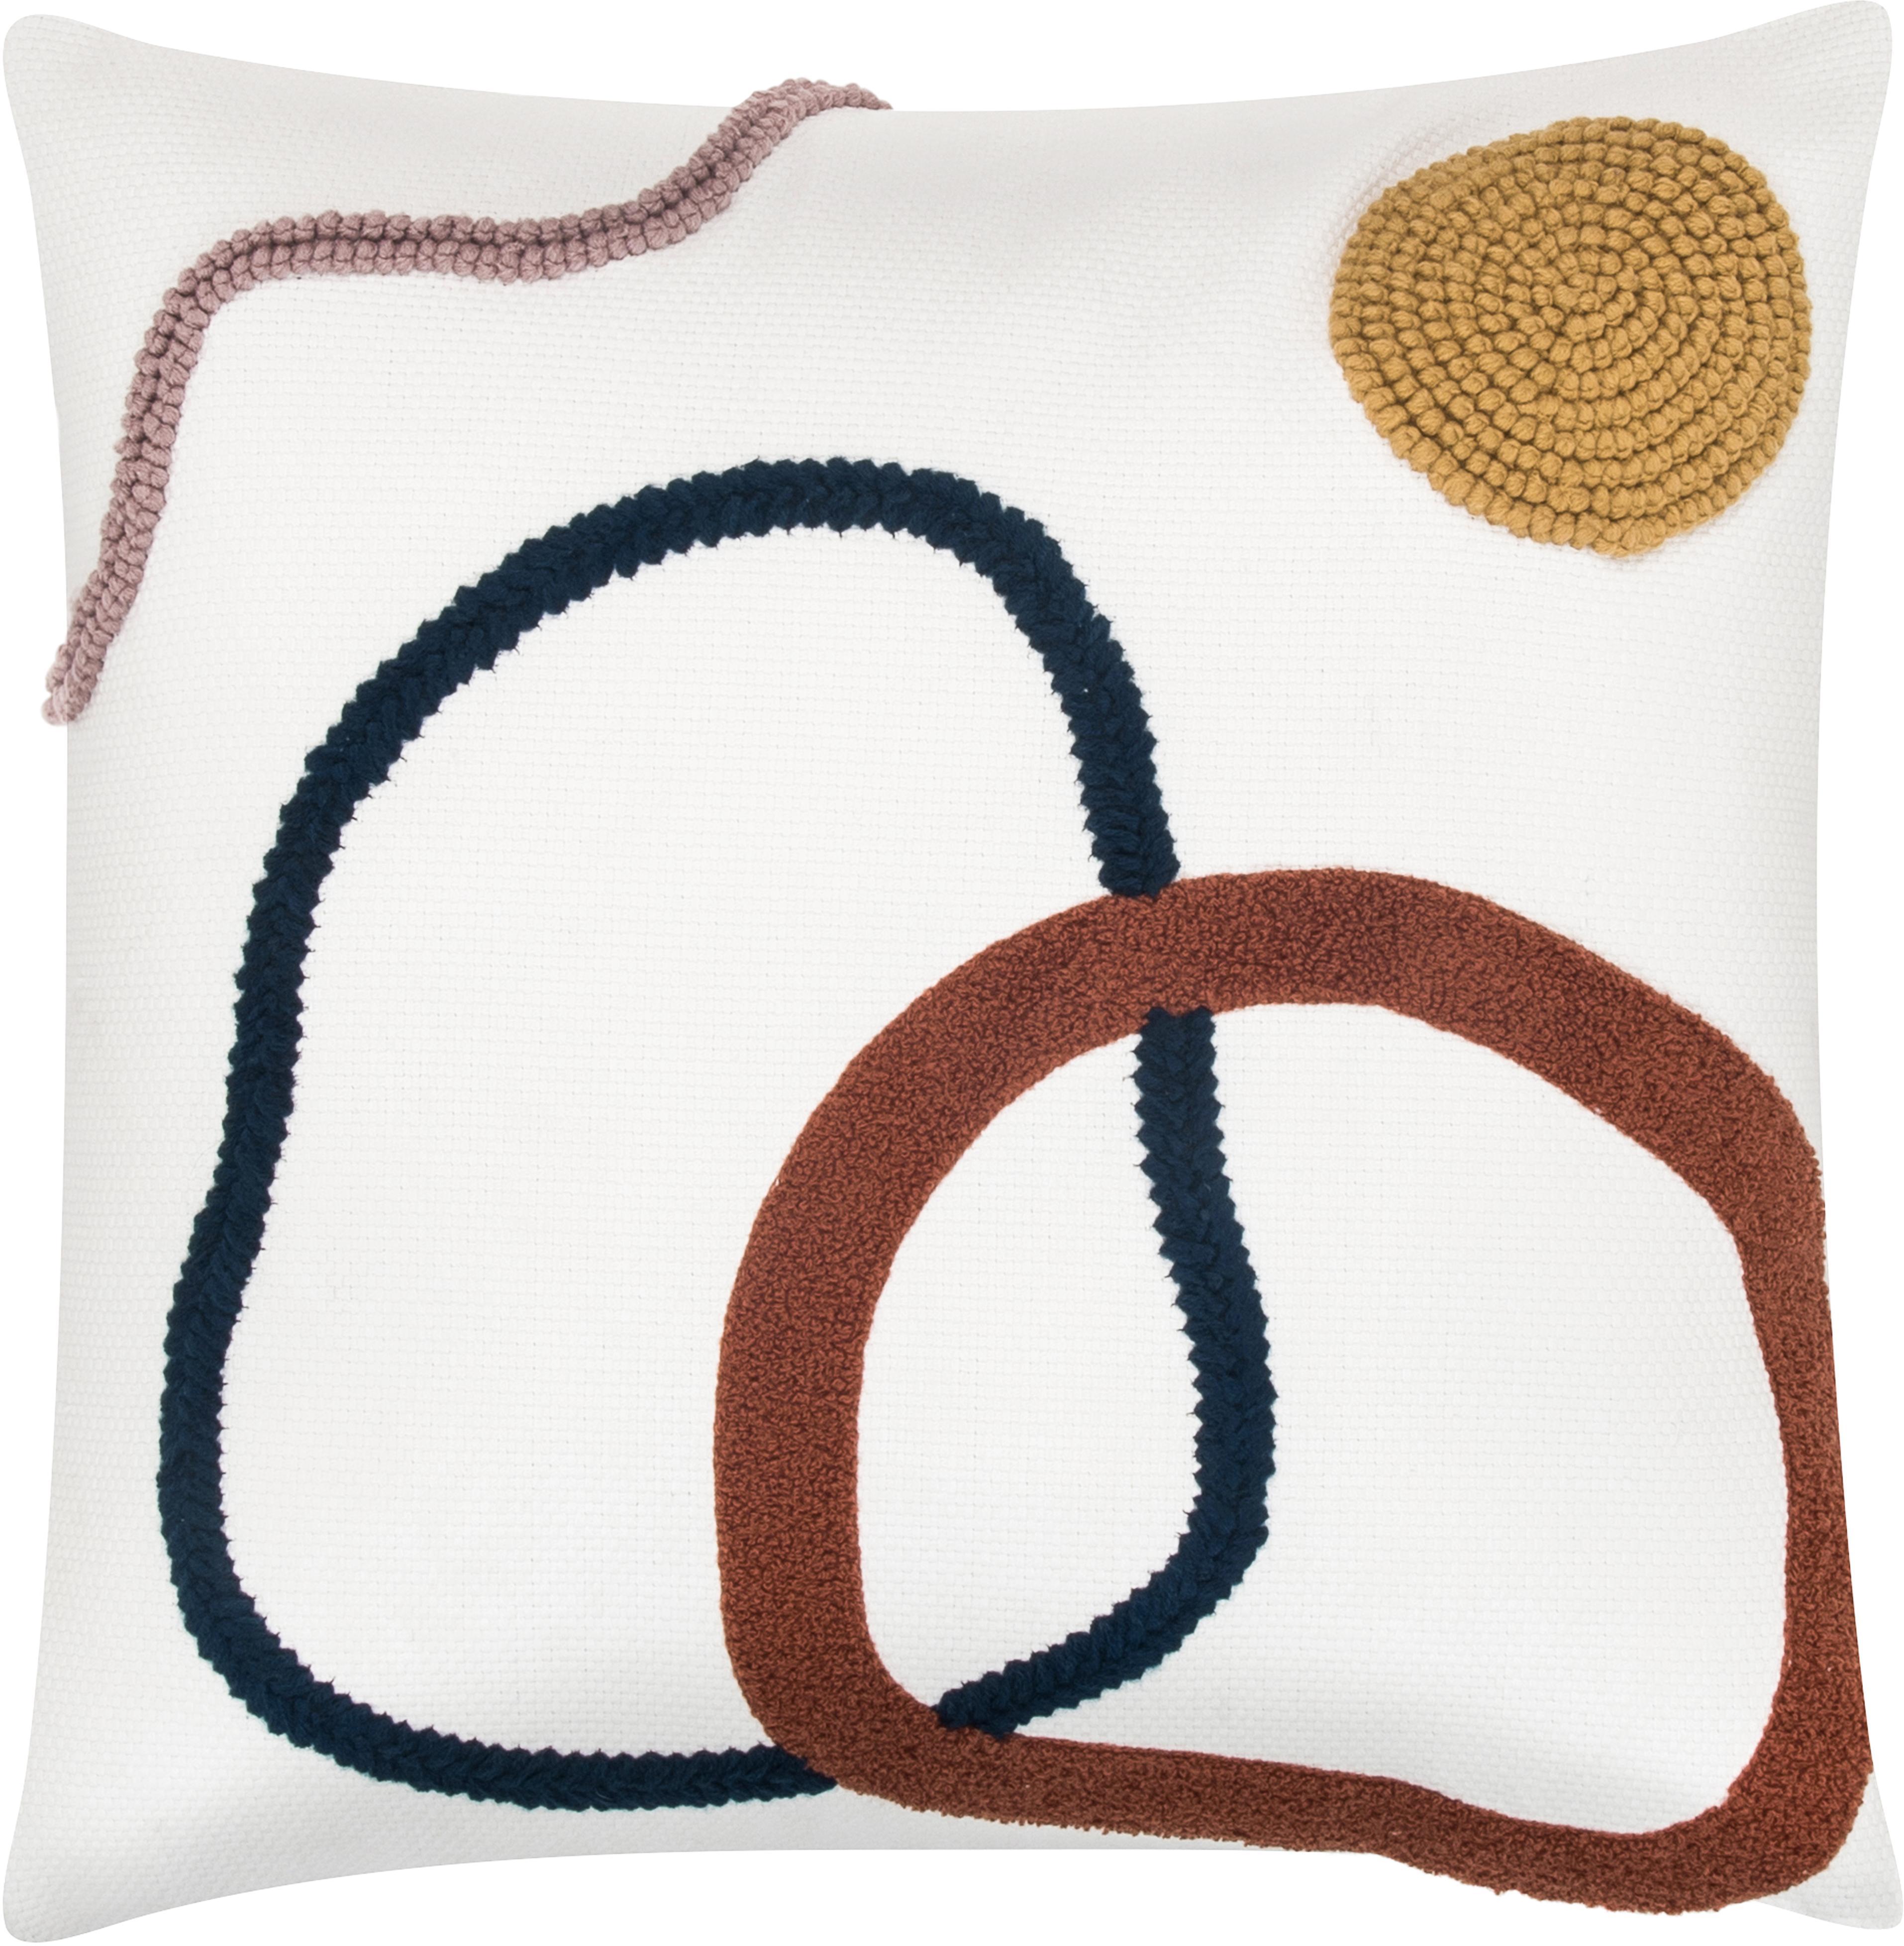 Kissenhülle Pablo mit abstrakter Verzierung, 100% Baumwolle, Vorderseite: MehrfarbigRückseite: Weiss, 45 x 45 cm